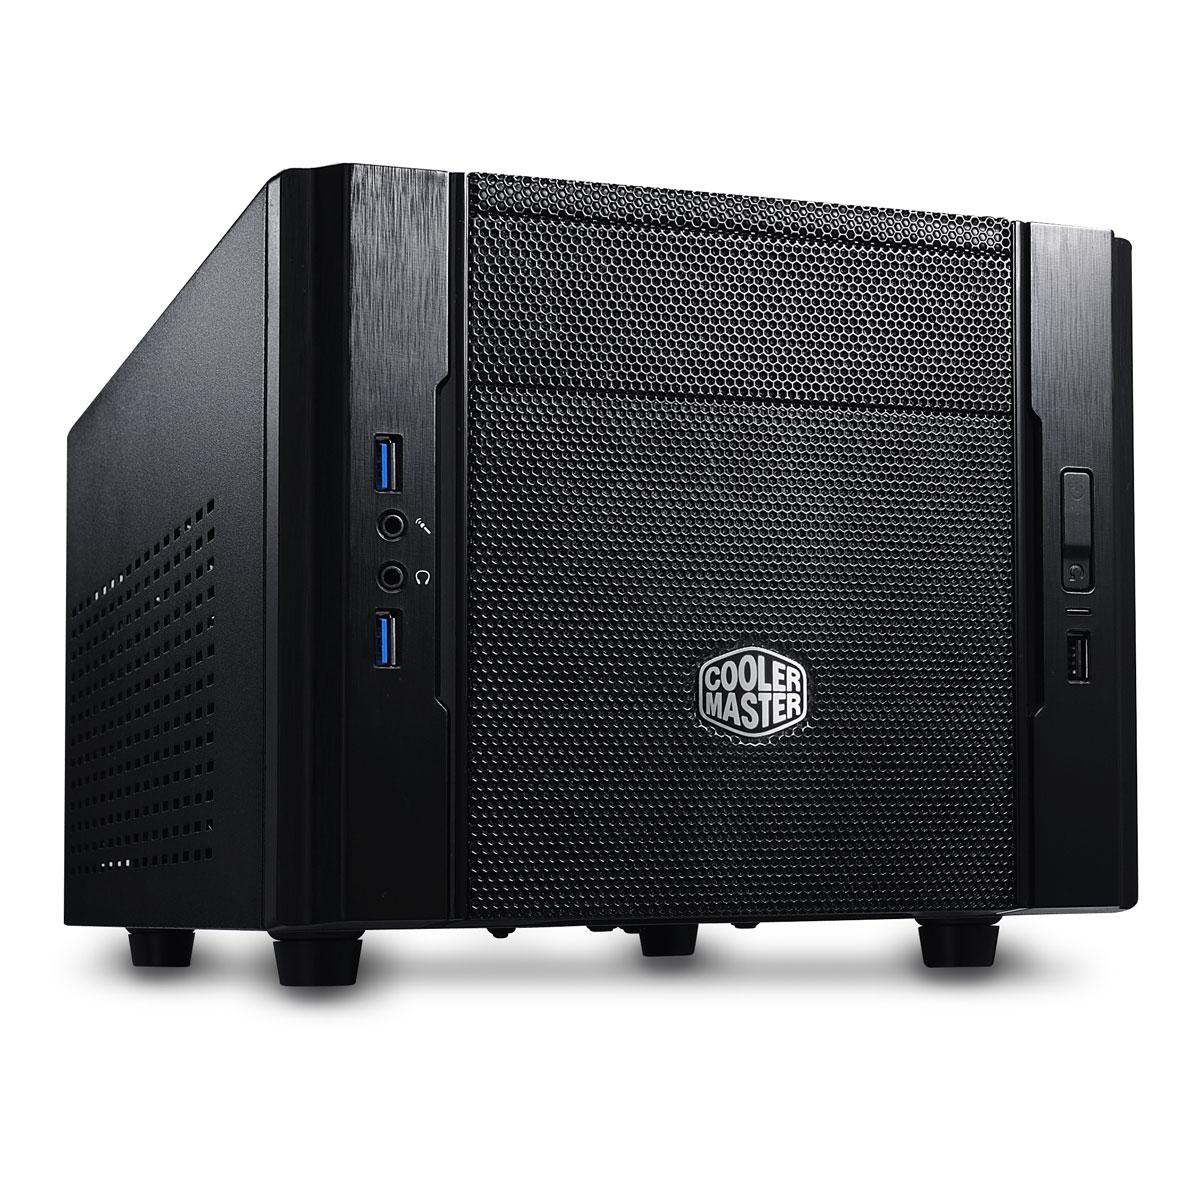 PC de bureau Team LDLC PC10 eSport Blast Intel Core i5-7600 (3.5 GHz) 8 Go SSHD 2 To NVIDIA GeForce GTX 1050 Ti 4Go Windows 10 Famille 64 bits (monté)